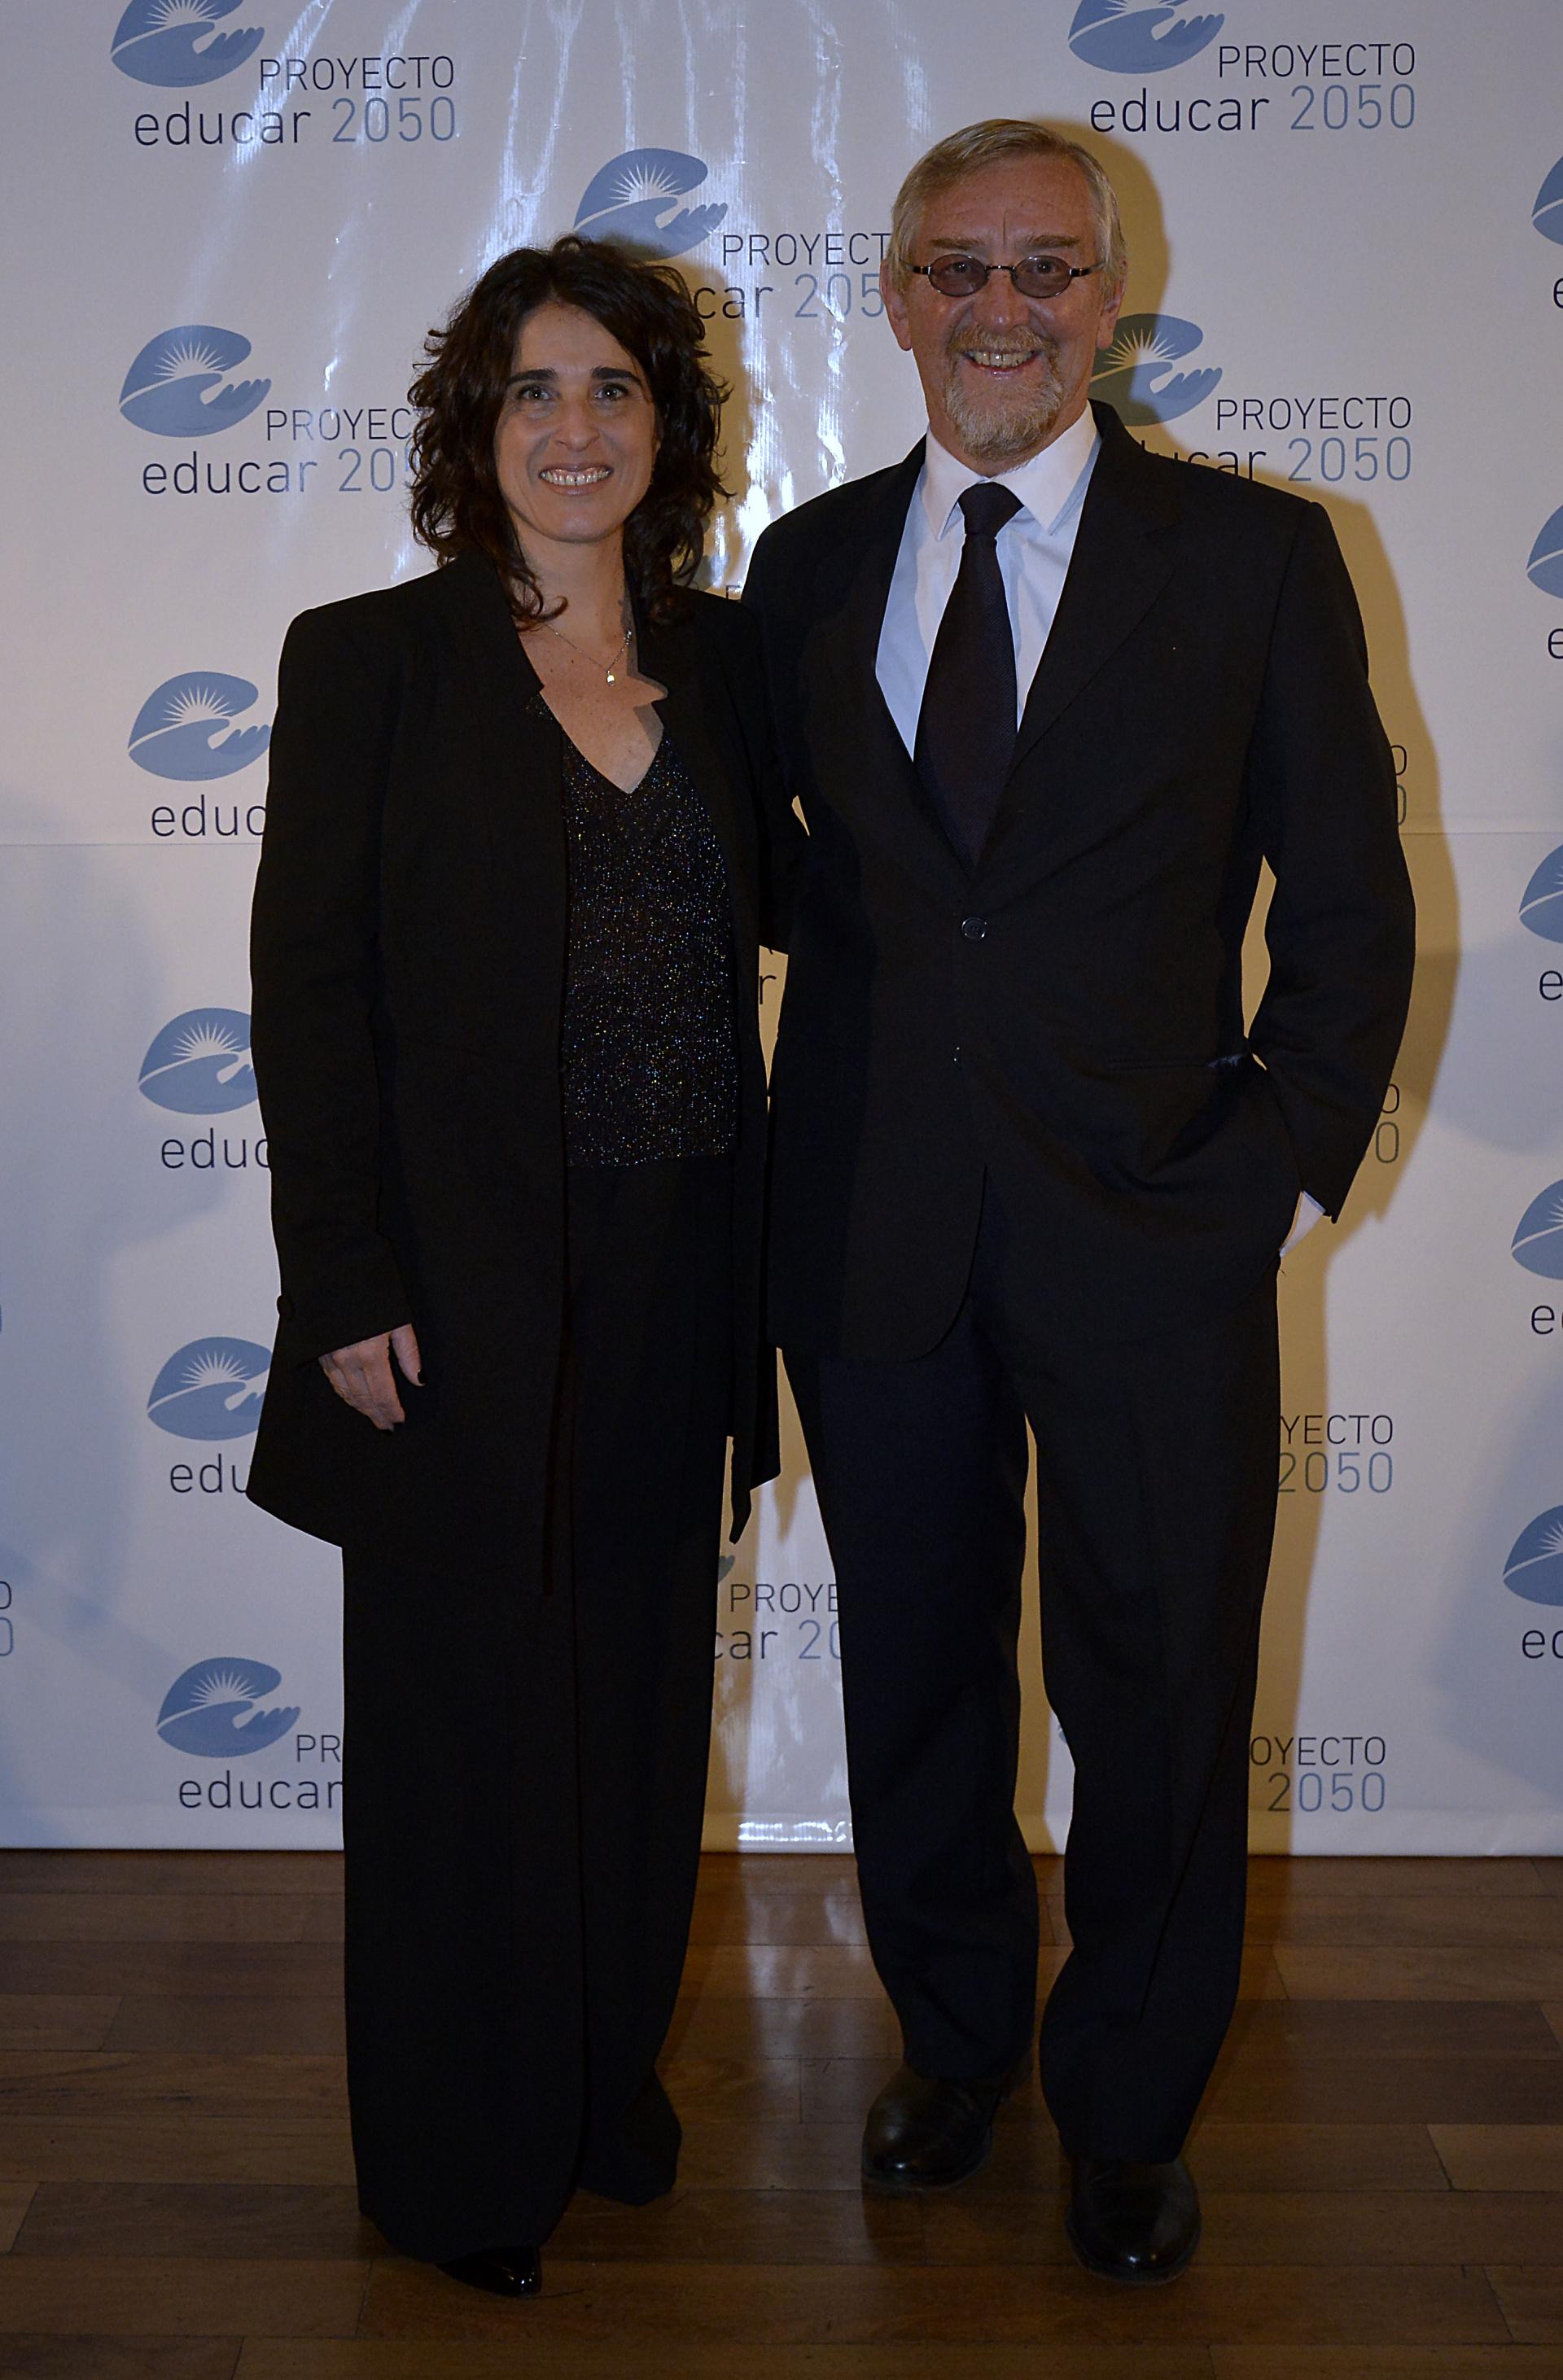 Florencia Ruiz Morosini, directora ejecutiva de Educar 2050 y Manuel Álvarez Trongé, presidente de la organización